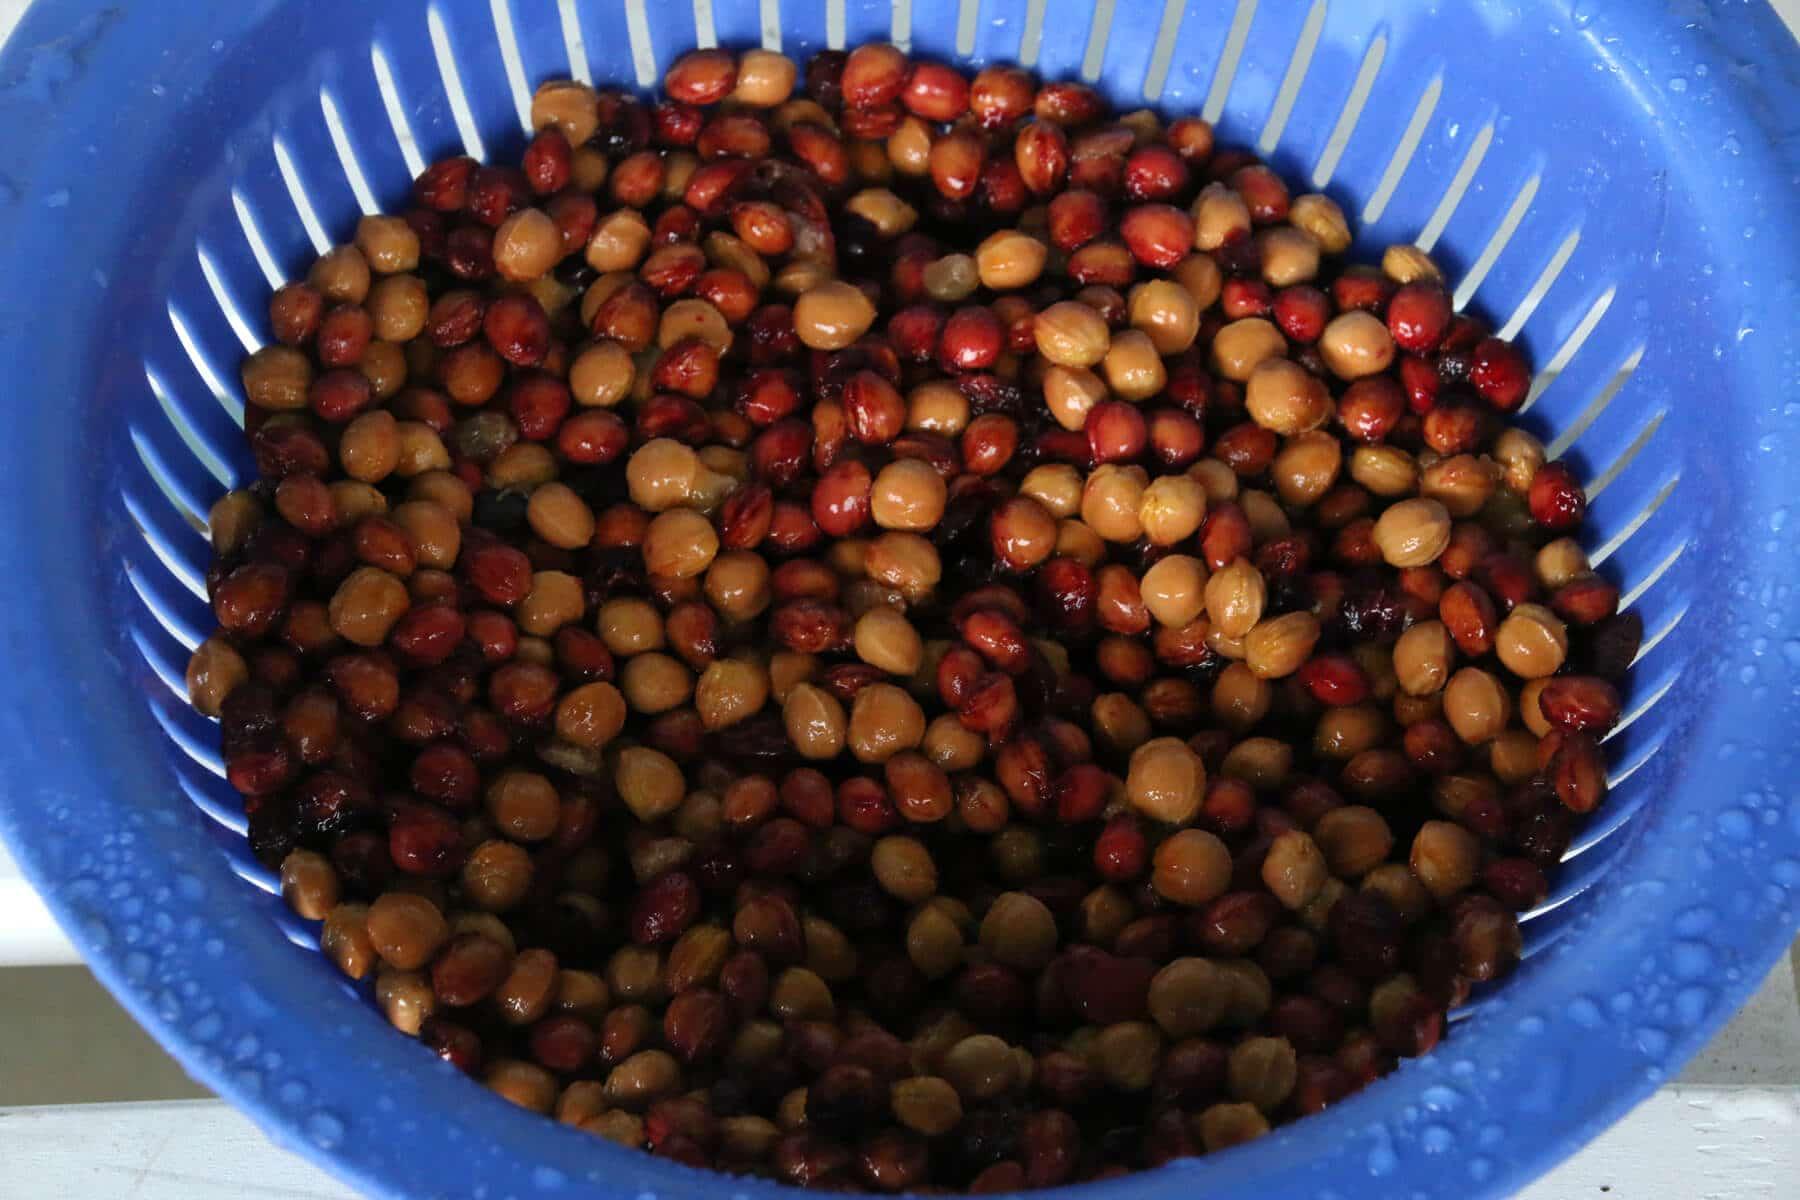 Cherries-20